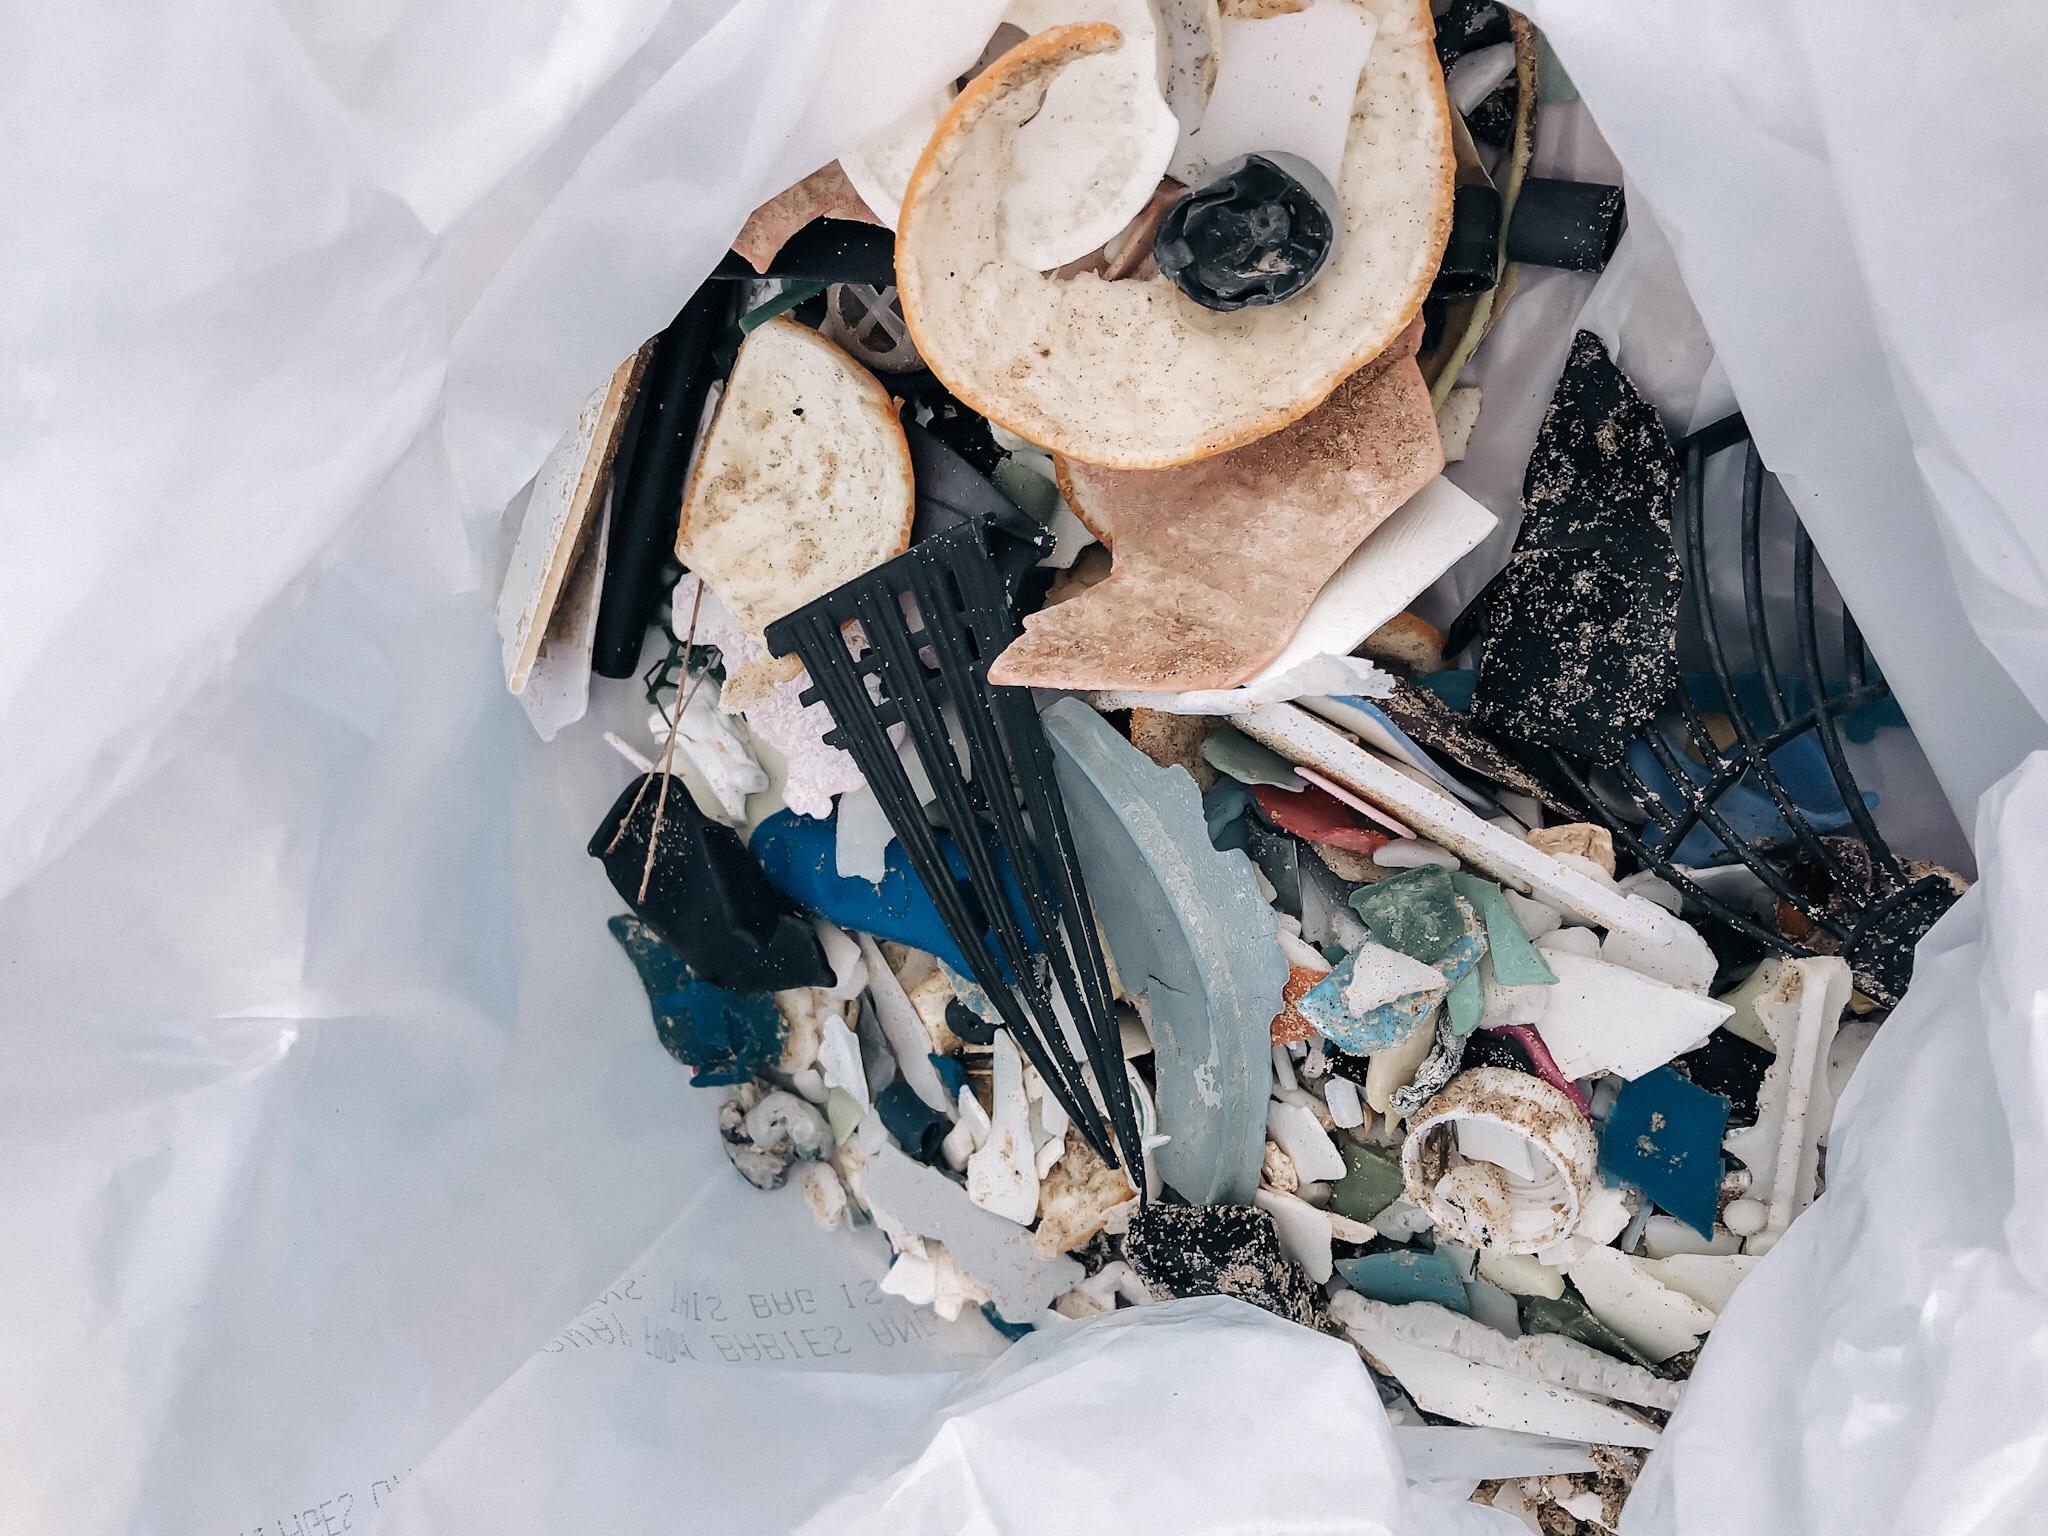 Tourisme responsable à Maui: nettoyage des plages